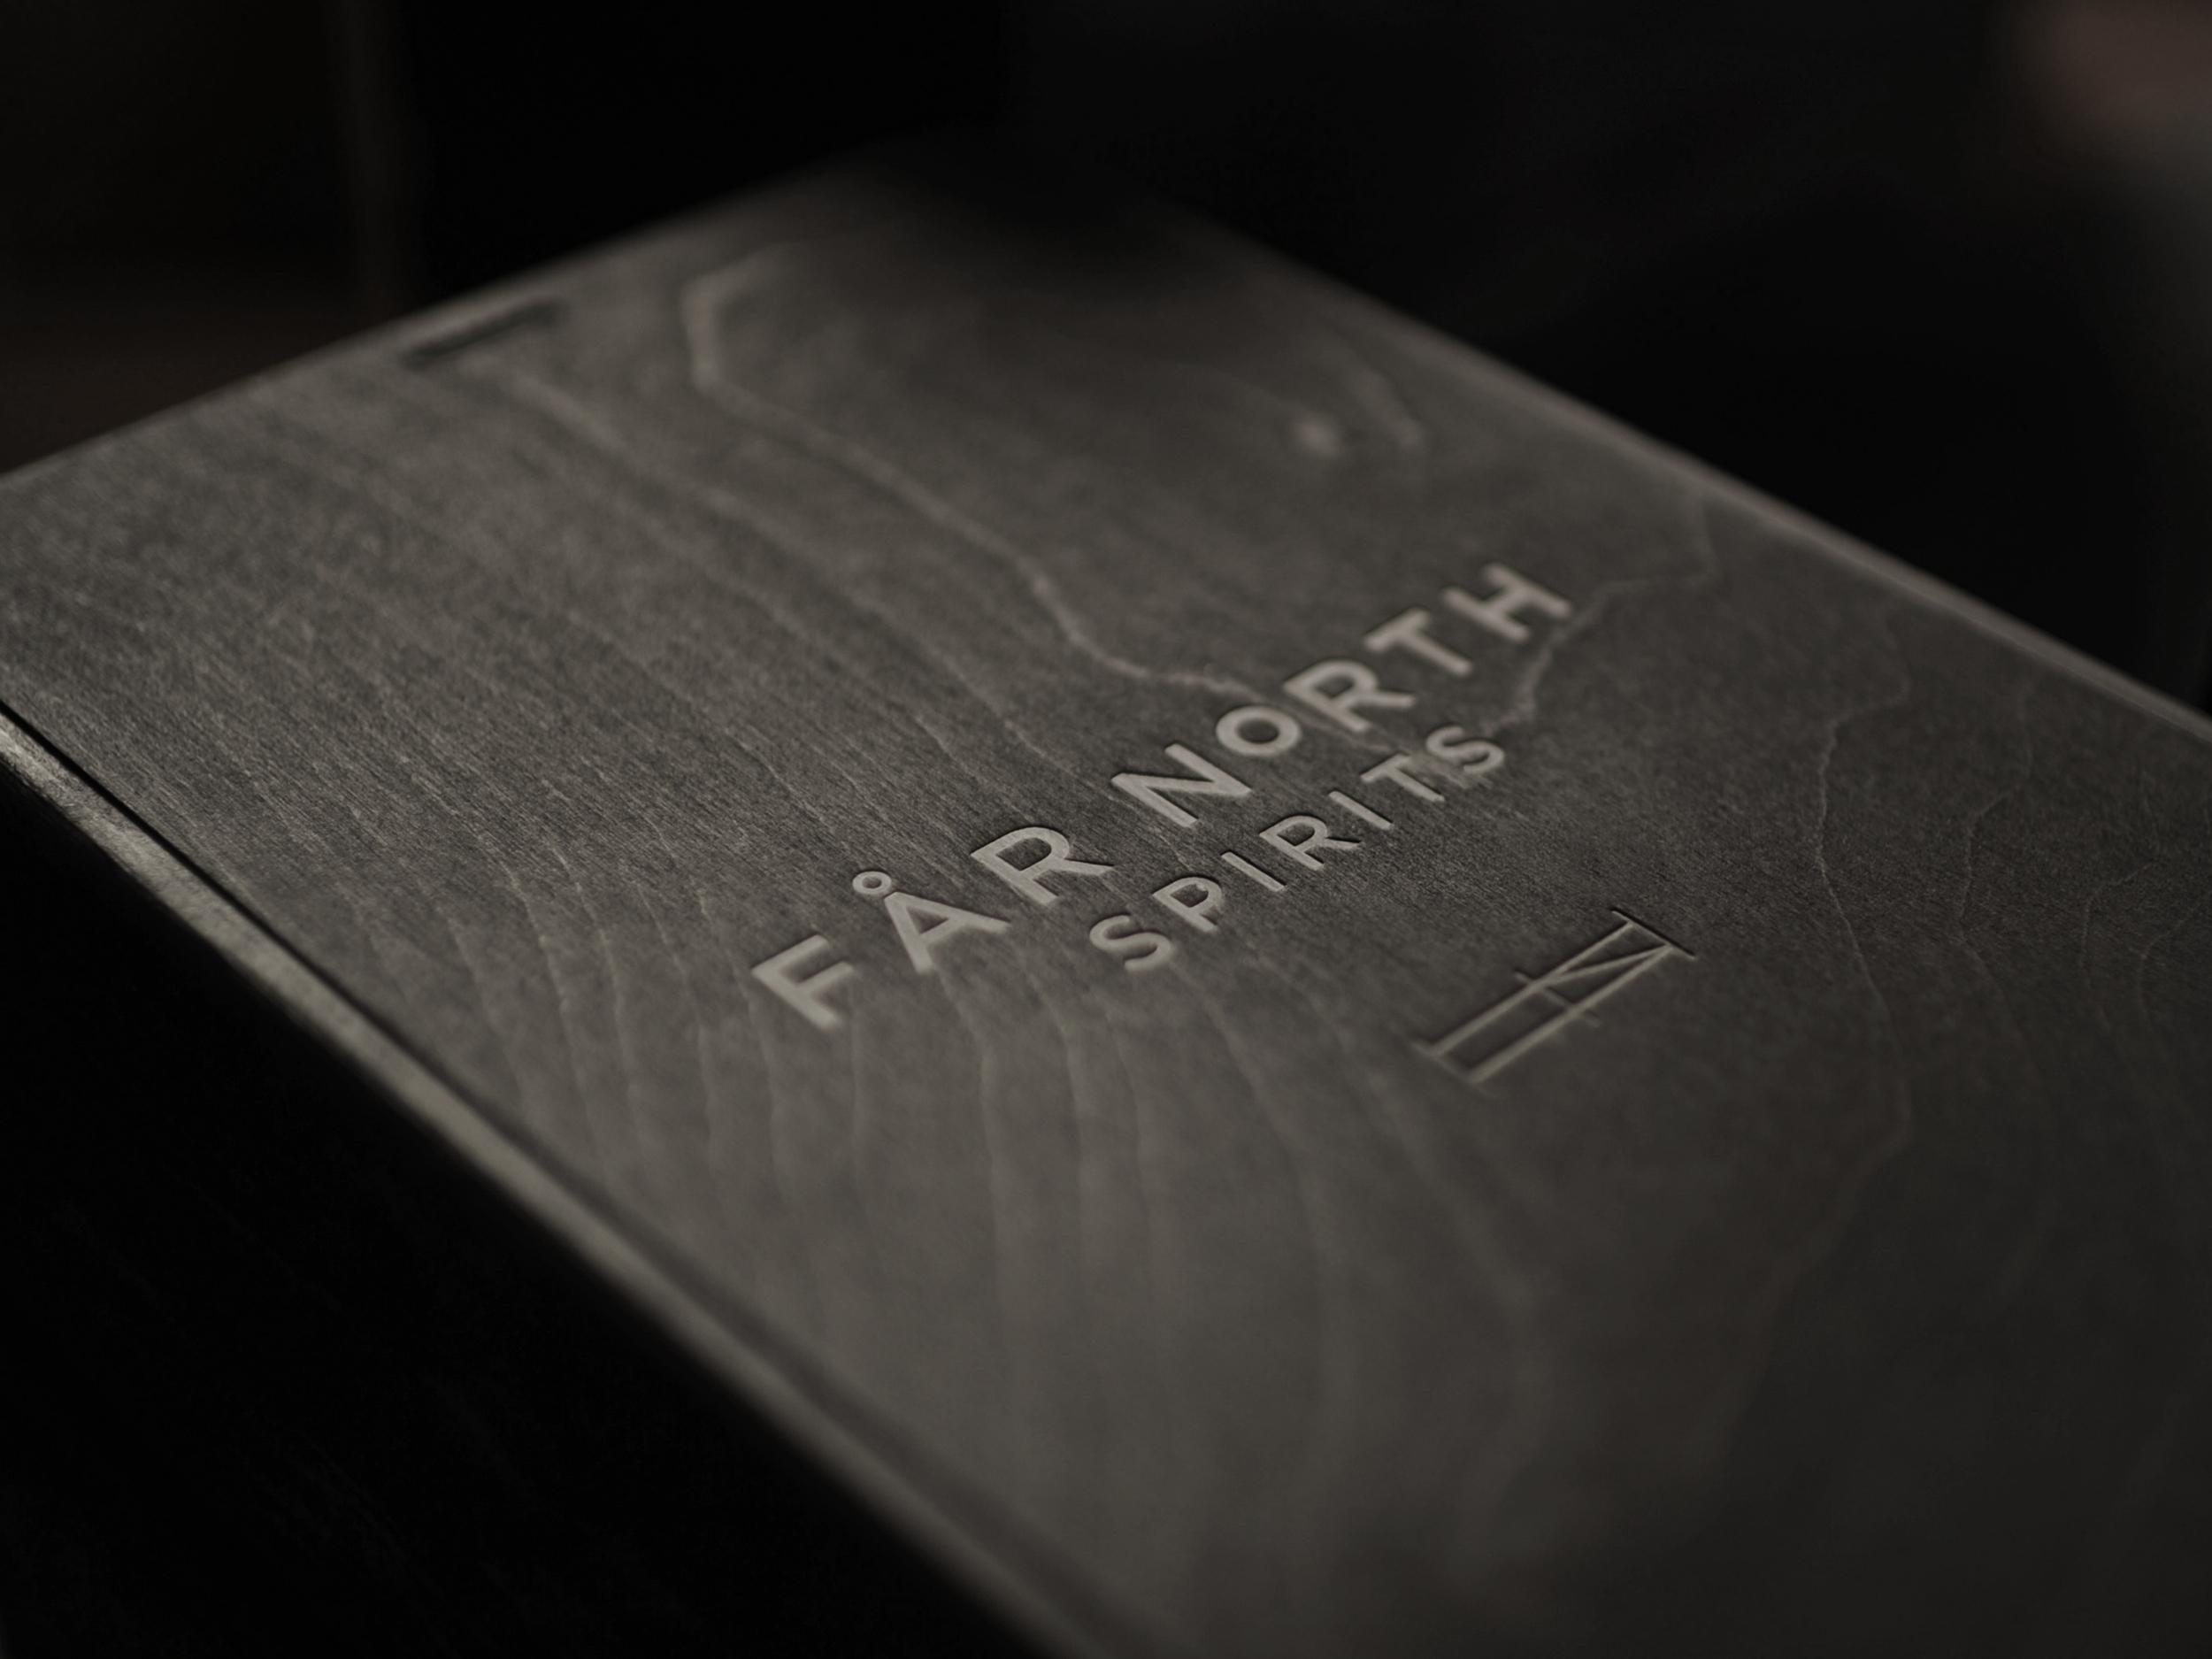 FNS_08.jpg